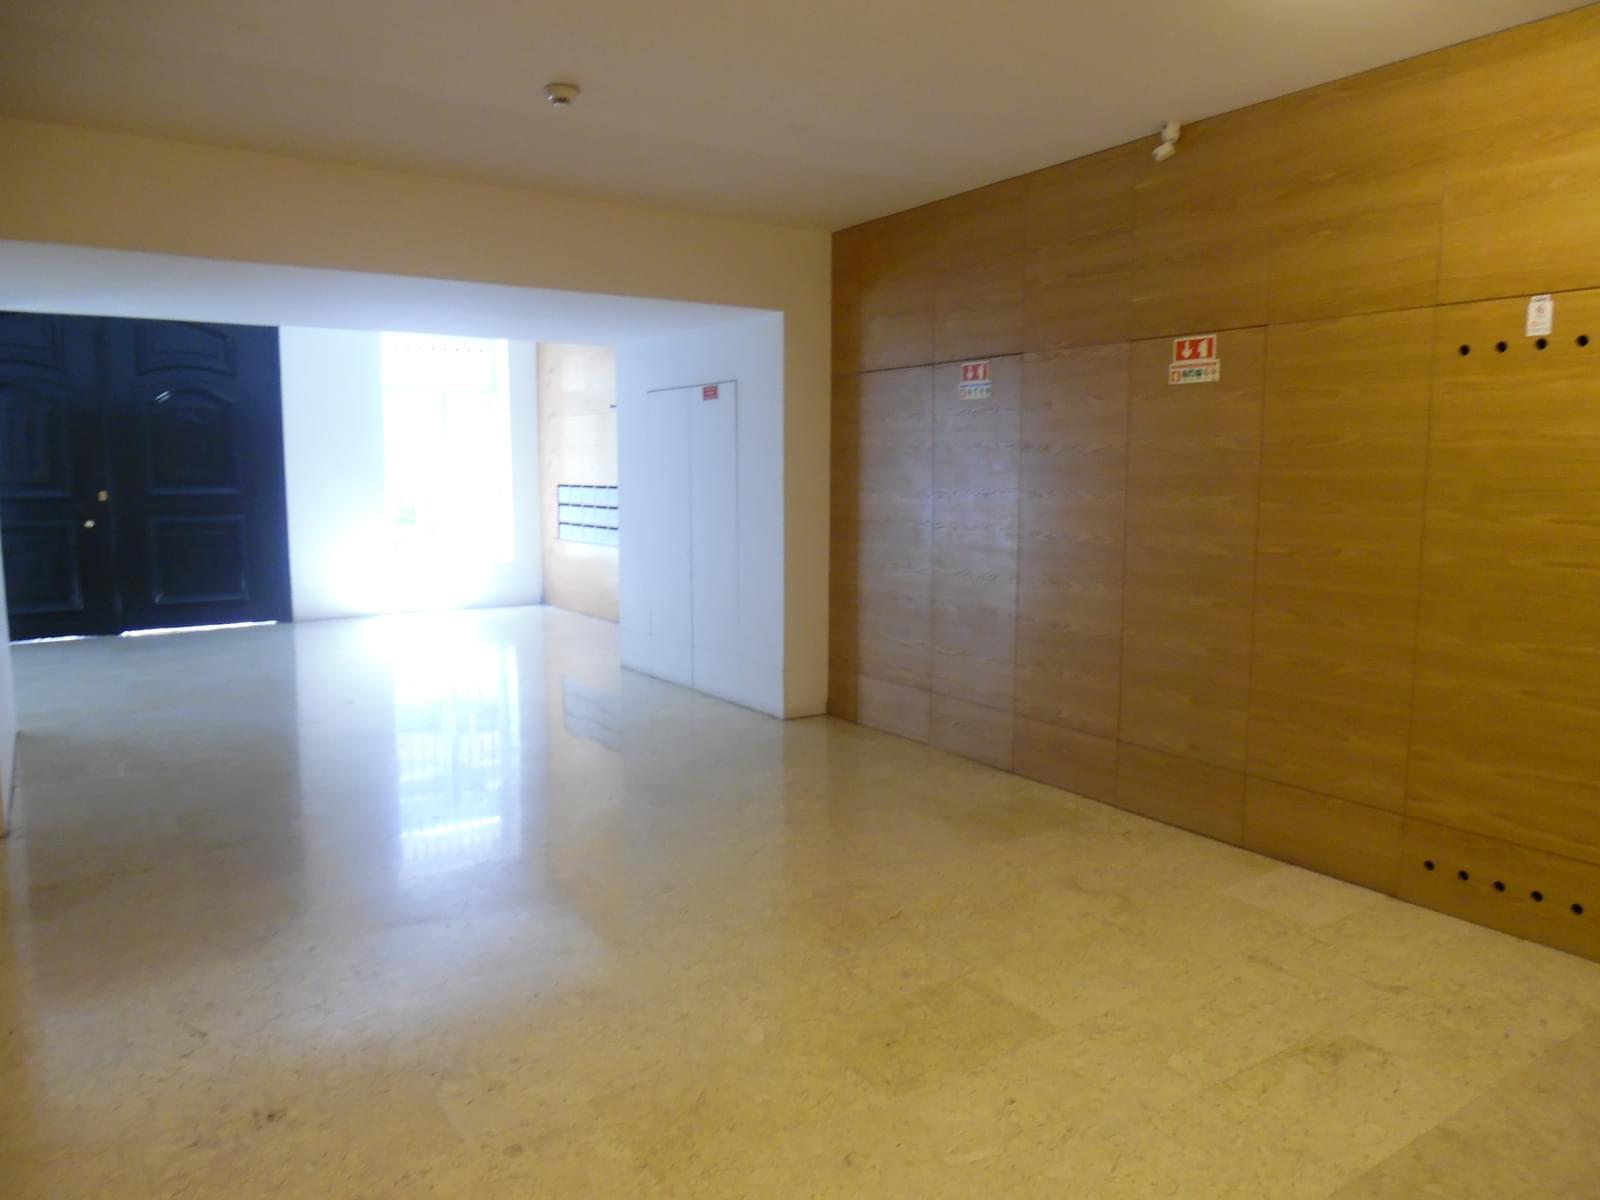 pf17454-apartamento-t4-lisboa-134d2409-fd67-4f30-b2de-d3fe95ad0e81